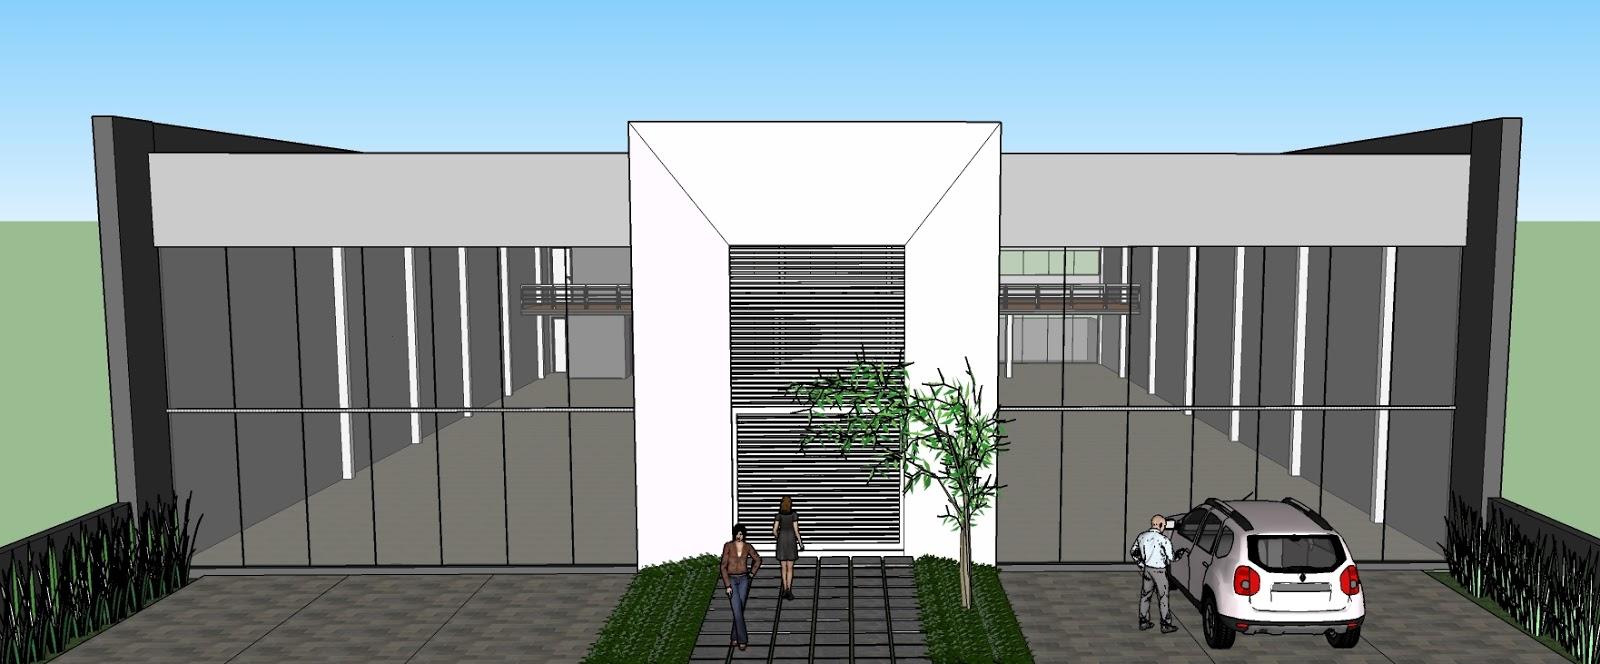 Famosos feito por arquiteto: projeto comercial AZ64